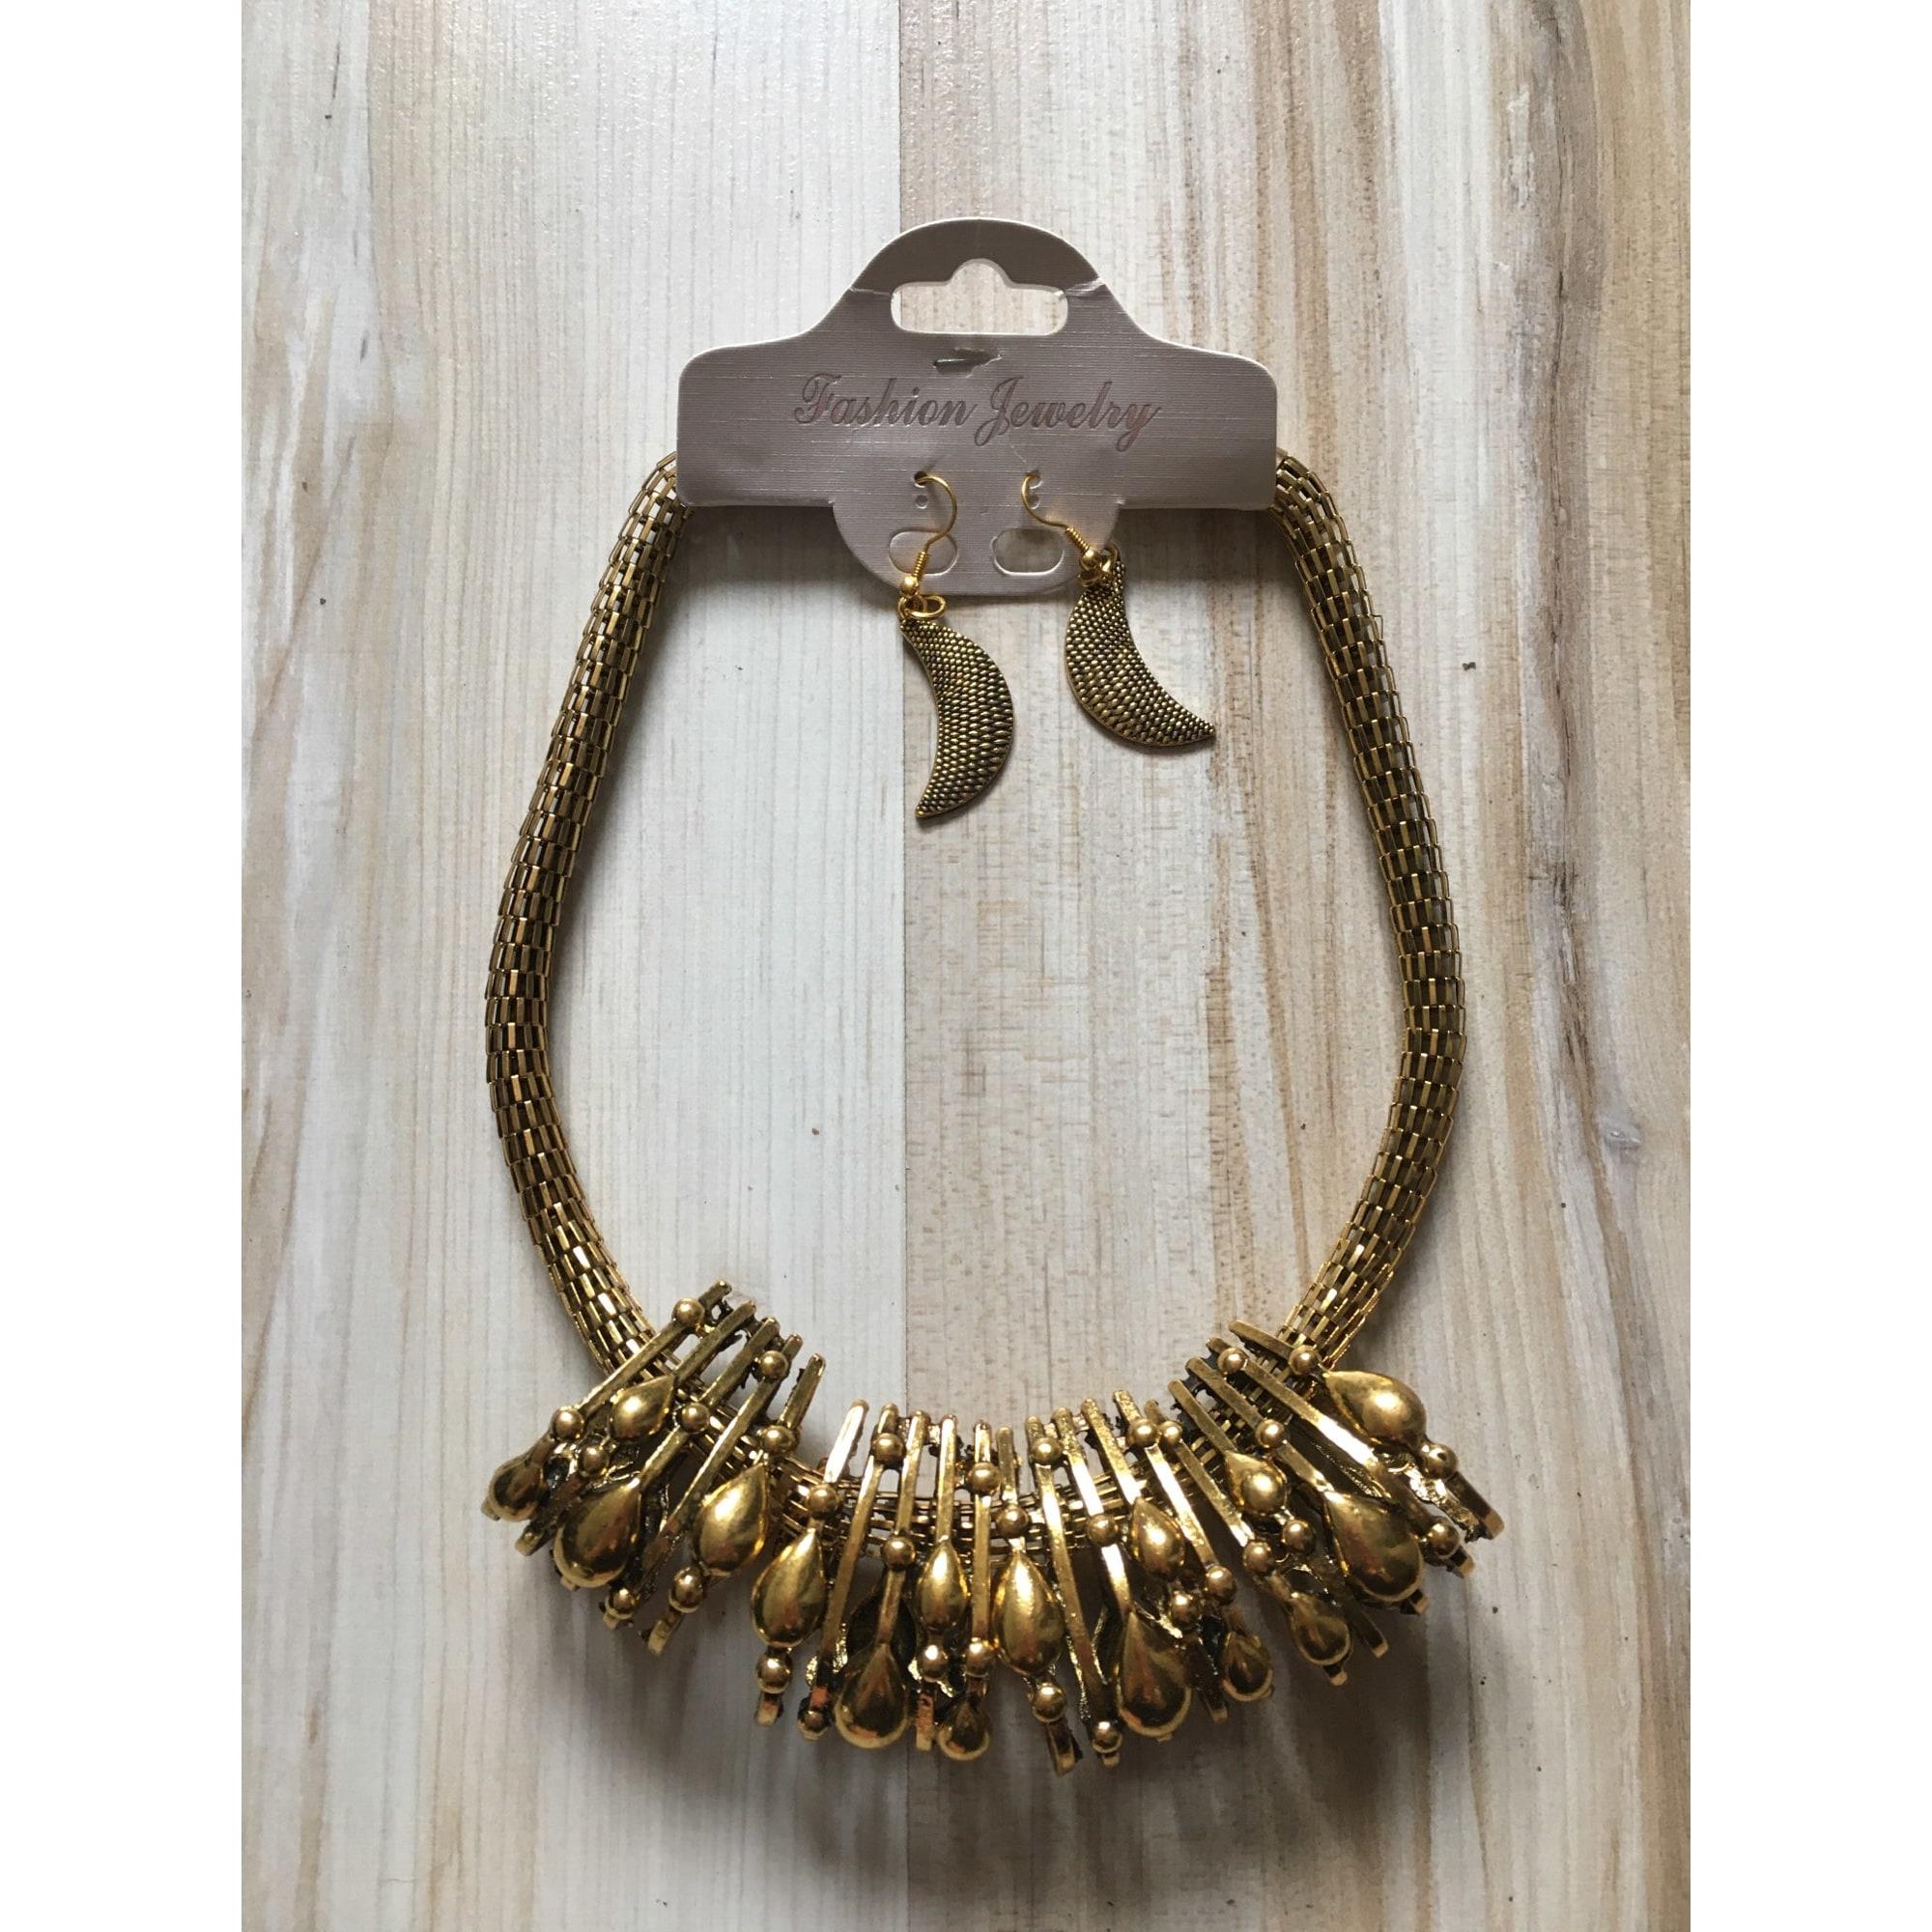 Parure bijoux FASHION JEWELRY Doré, bronze, cuivre